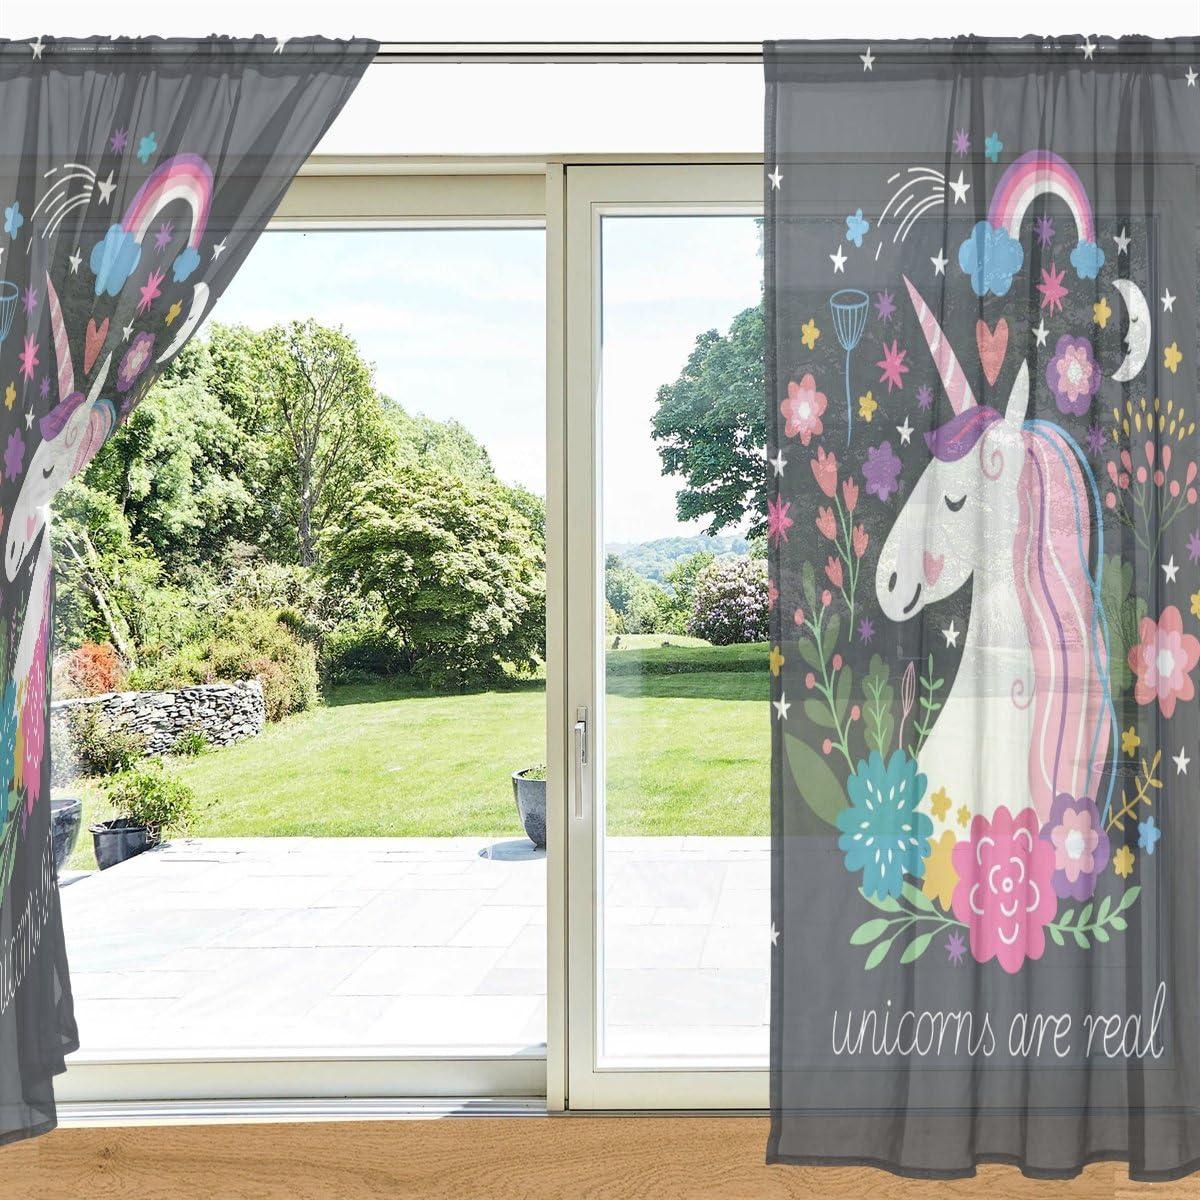 Polyester Multi 55 x 78 Each Panel MyDaily Floral Einhorn und Regenbogen Bedruckt Sheer Fenster und T/ür Vorhang 2/Felder 139,7/x 213,4/cm Rod Pocket Panels f/ür Wohnzimmer Schlafzimmer Decor